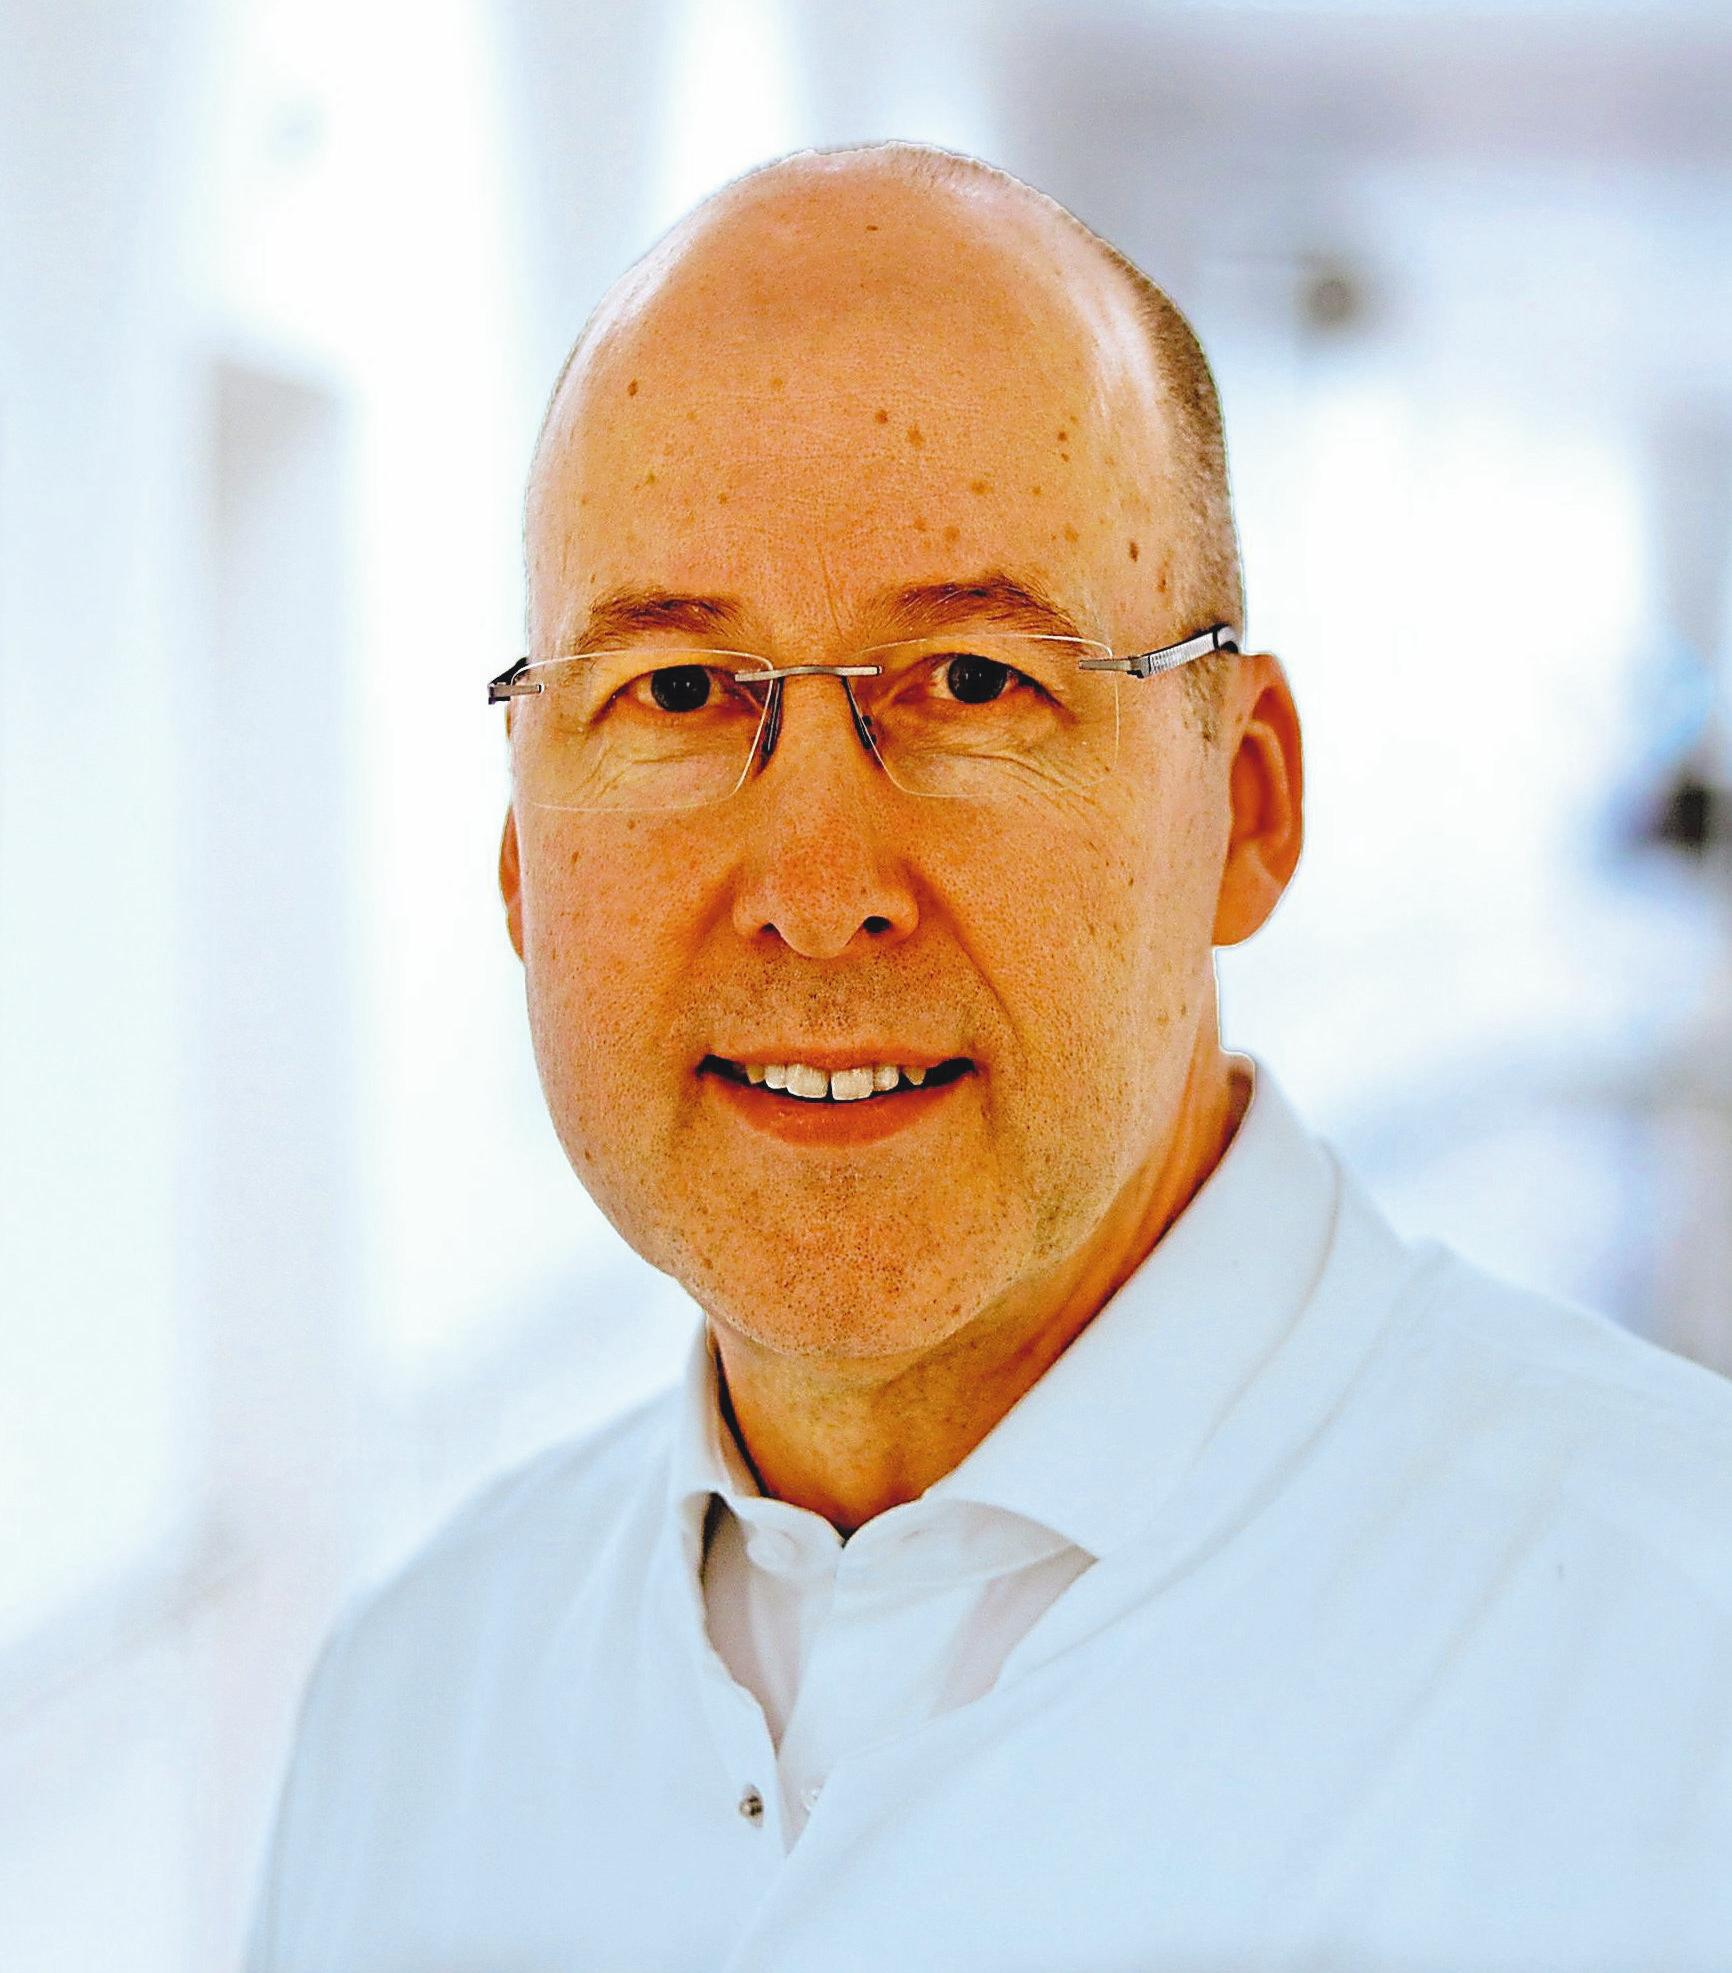 Chefarzt Dr. Reiner Schürmann. Foto: ukm-mhs/kk